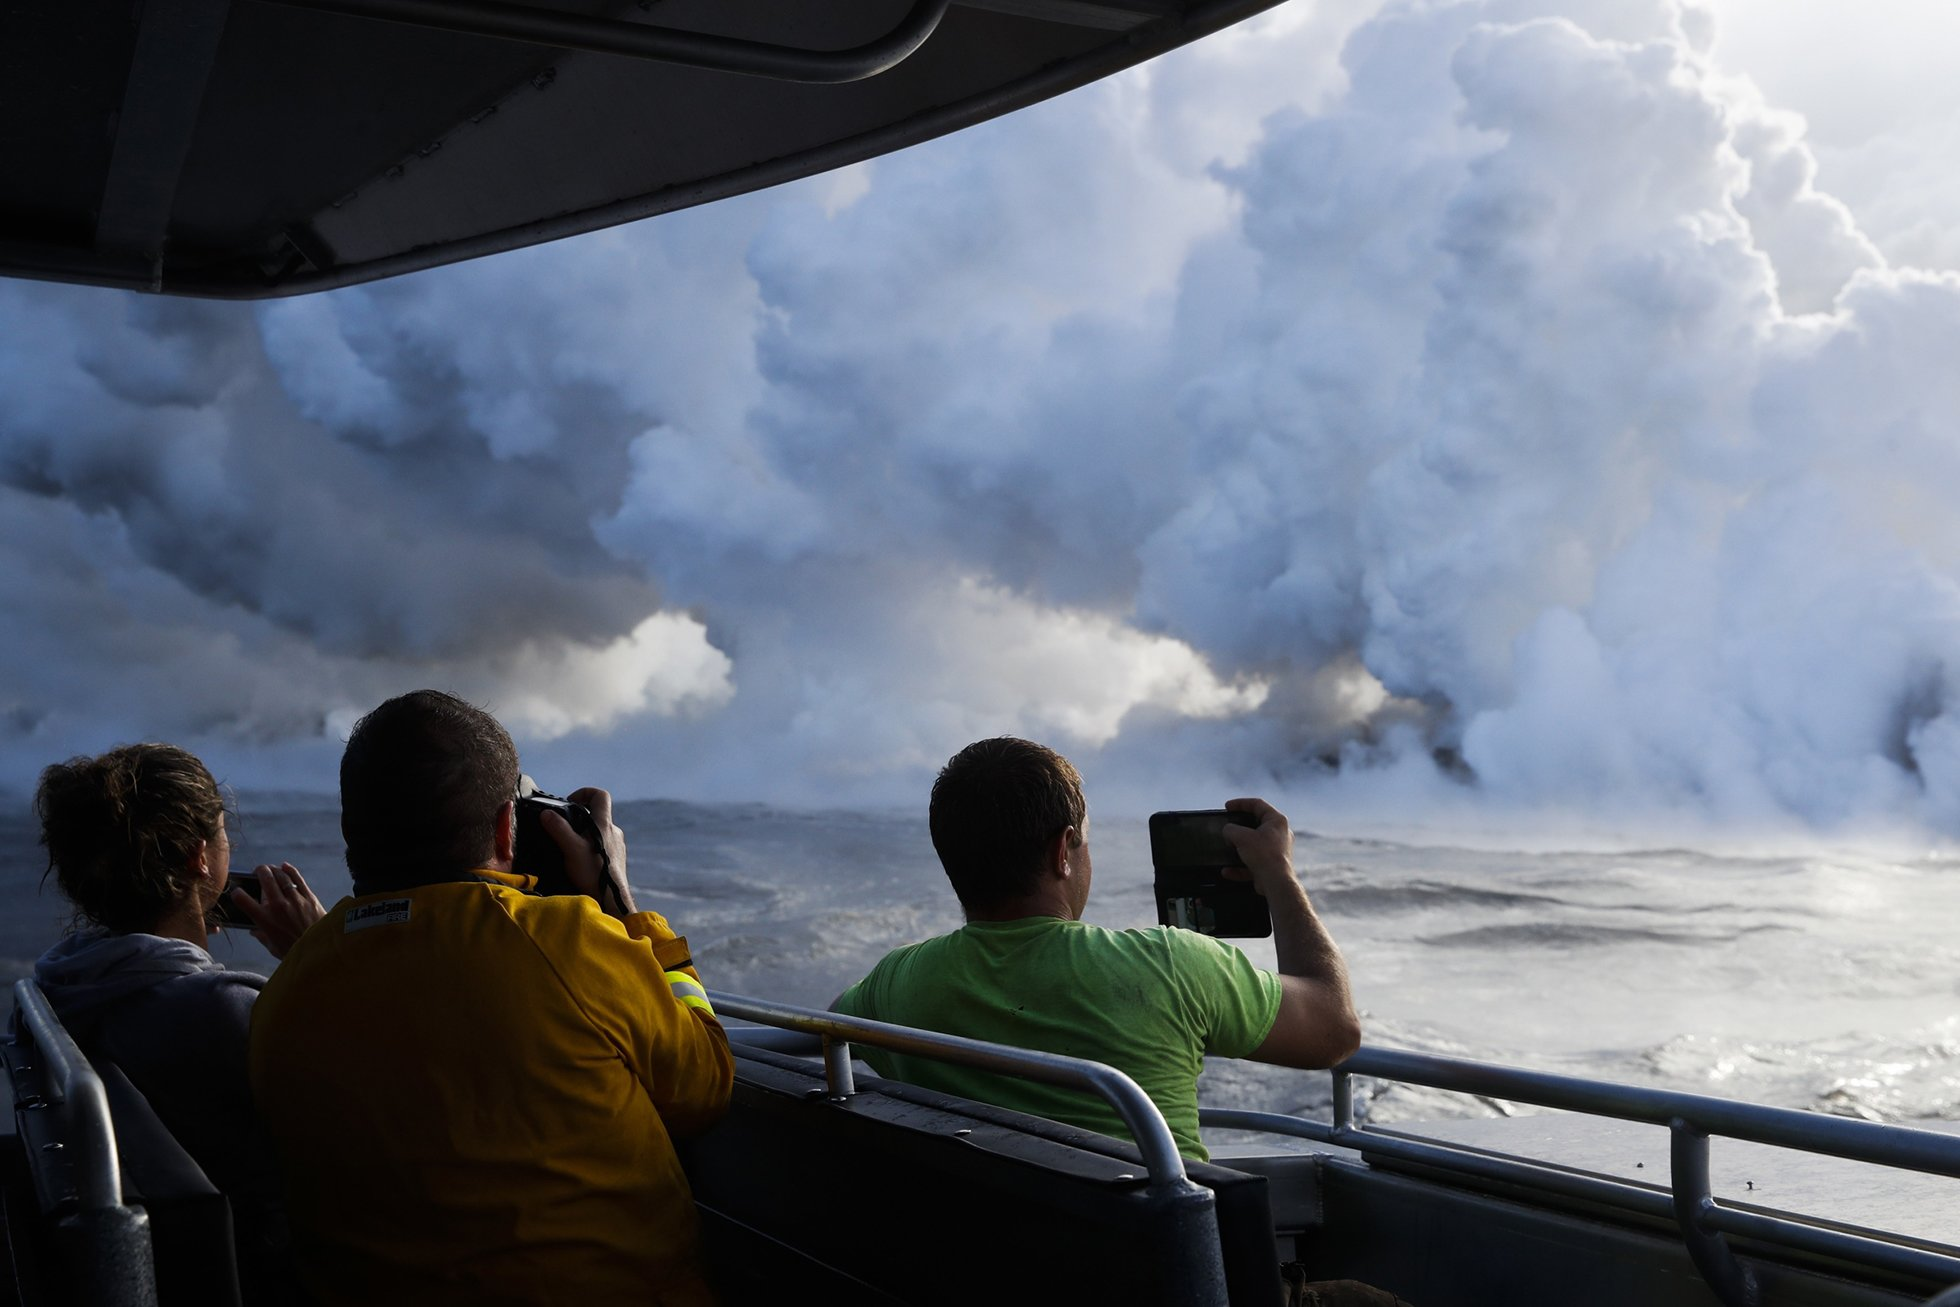 Потоки лавы вулкана на Гавайях достигли океана и образовали токсичное облако: появились шокирующие снимки (1)